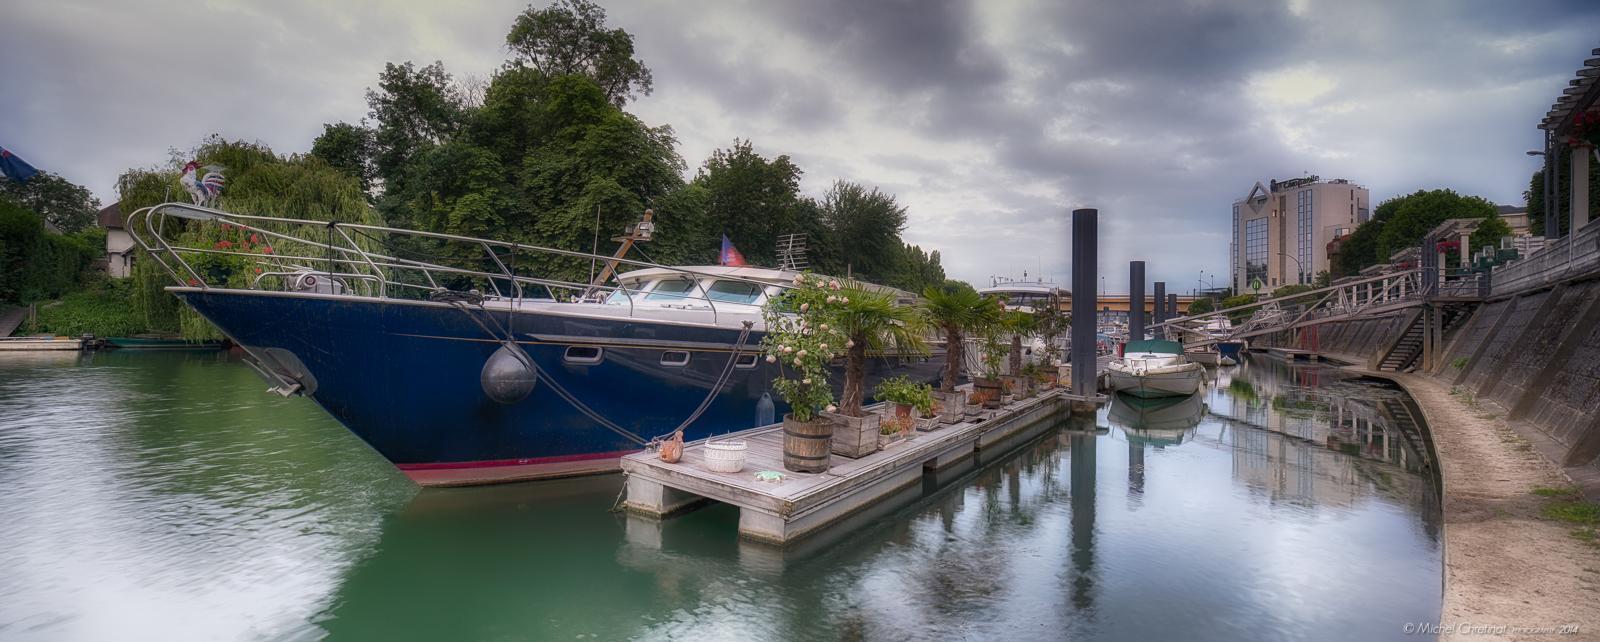 Port-de-plaisance-Nogent sur Marne